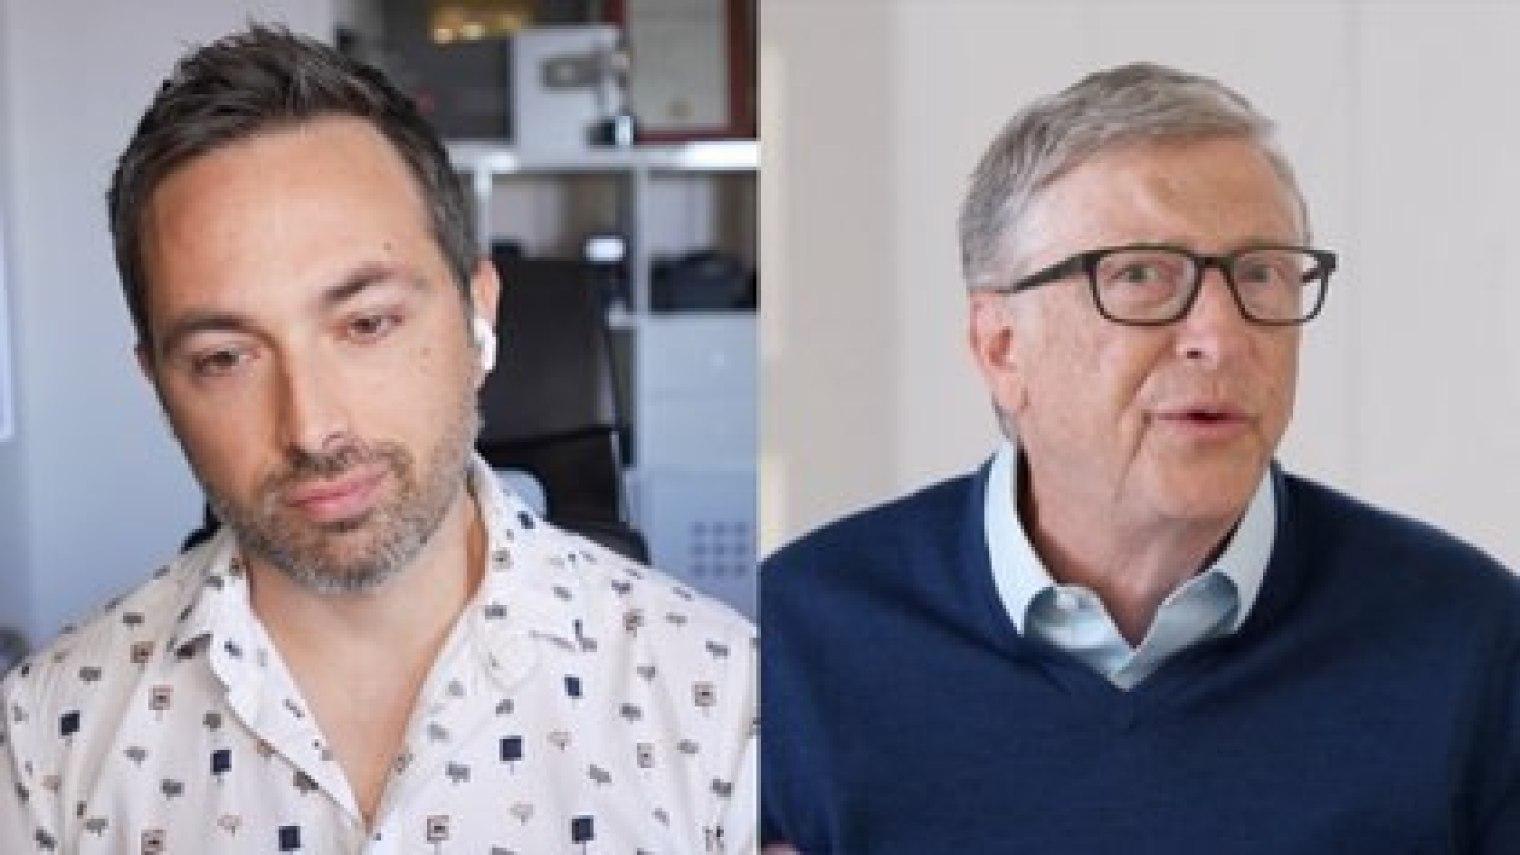 Derek Muller entrevistó a Gates en su canal de YouTube Veritasium